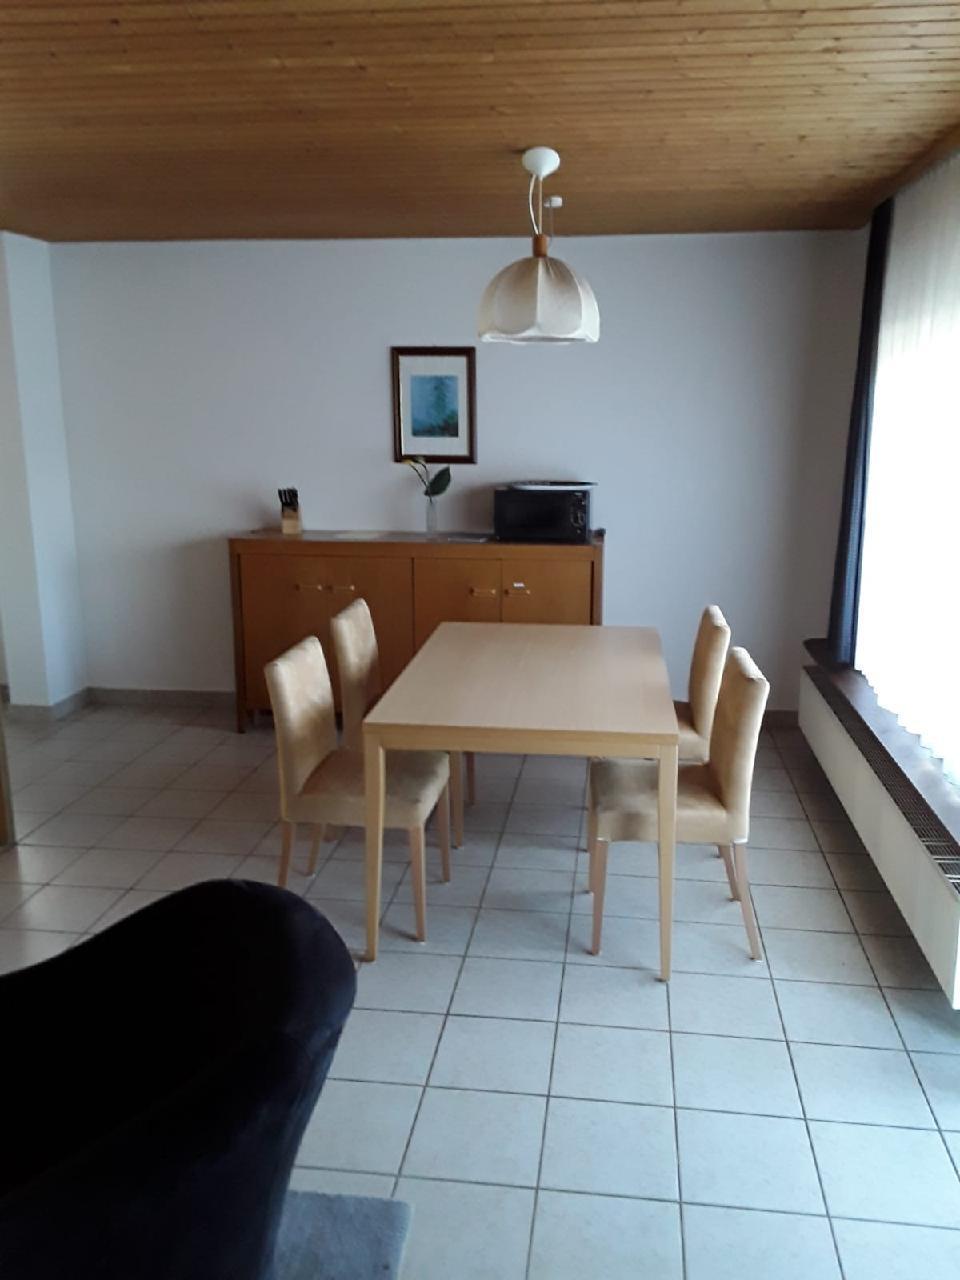 Ferienhaus / Bungalow Nr. 31  für 2-4 Personen in der Rhön Residence Bungalows (735561), Dipperz, Rhön (Hessen), Hessen, Deutschland, Bild 5